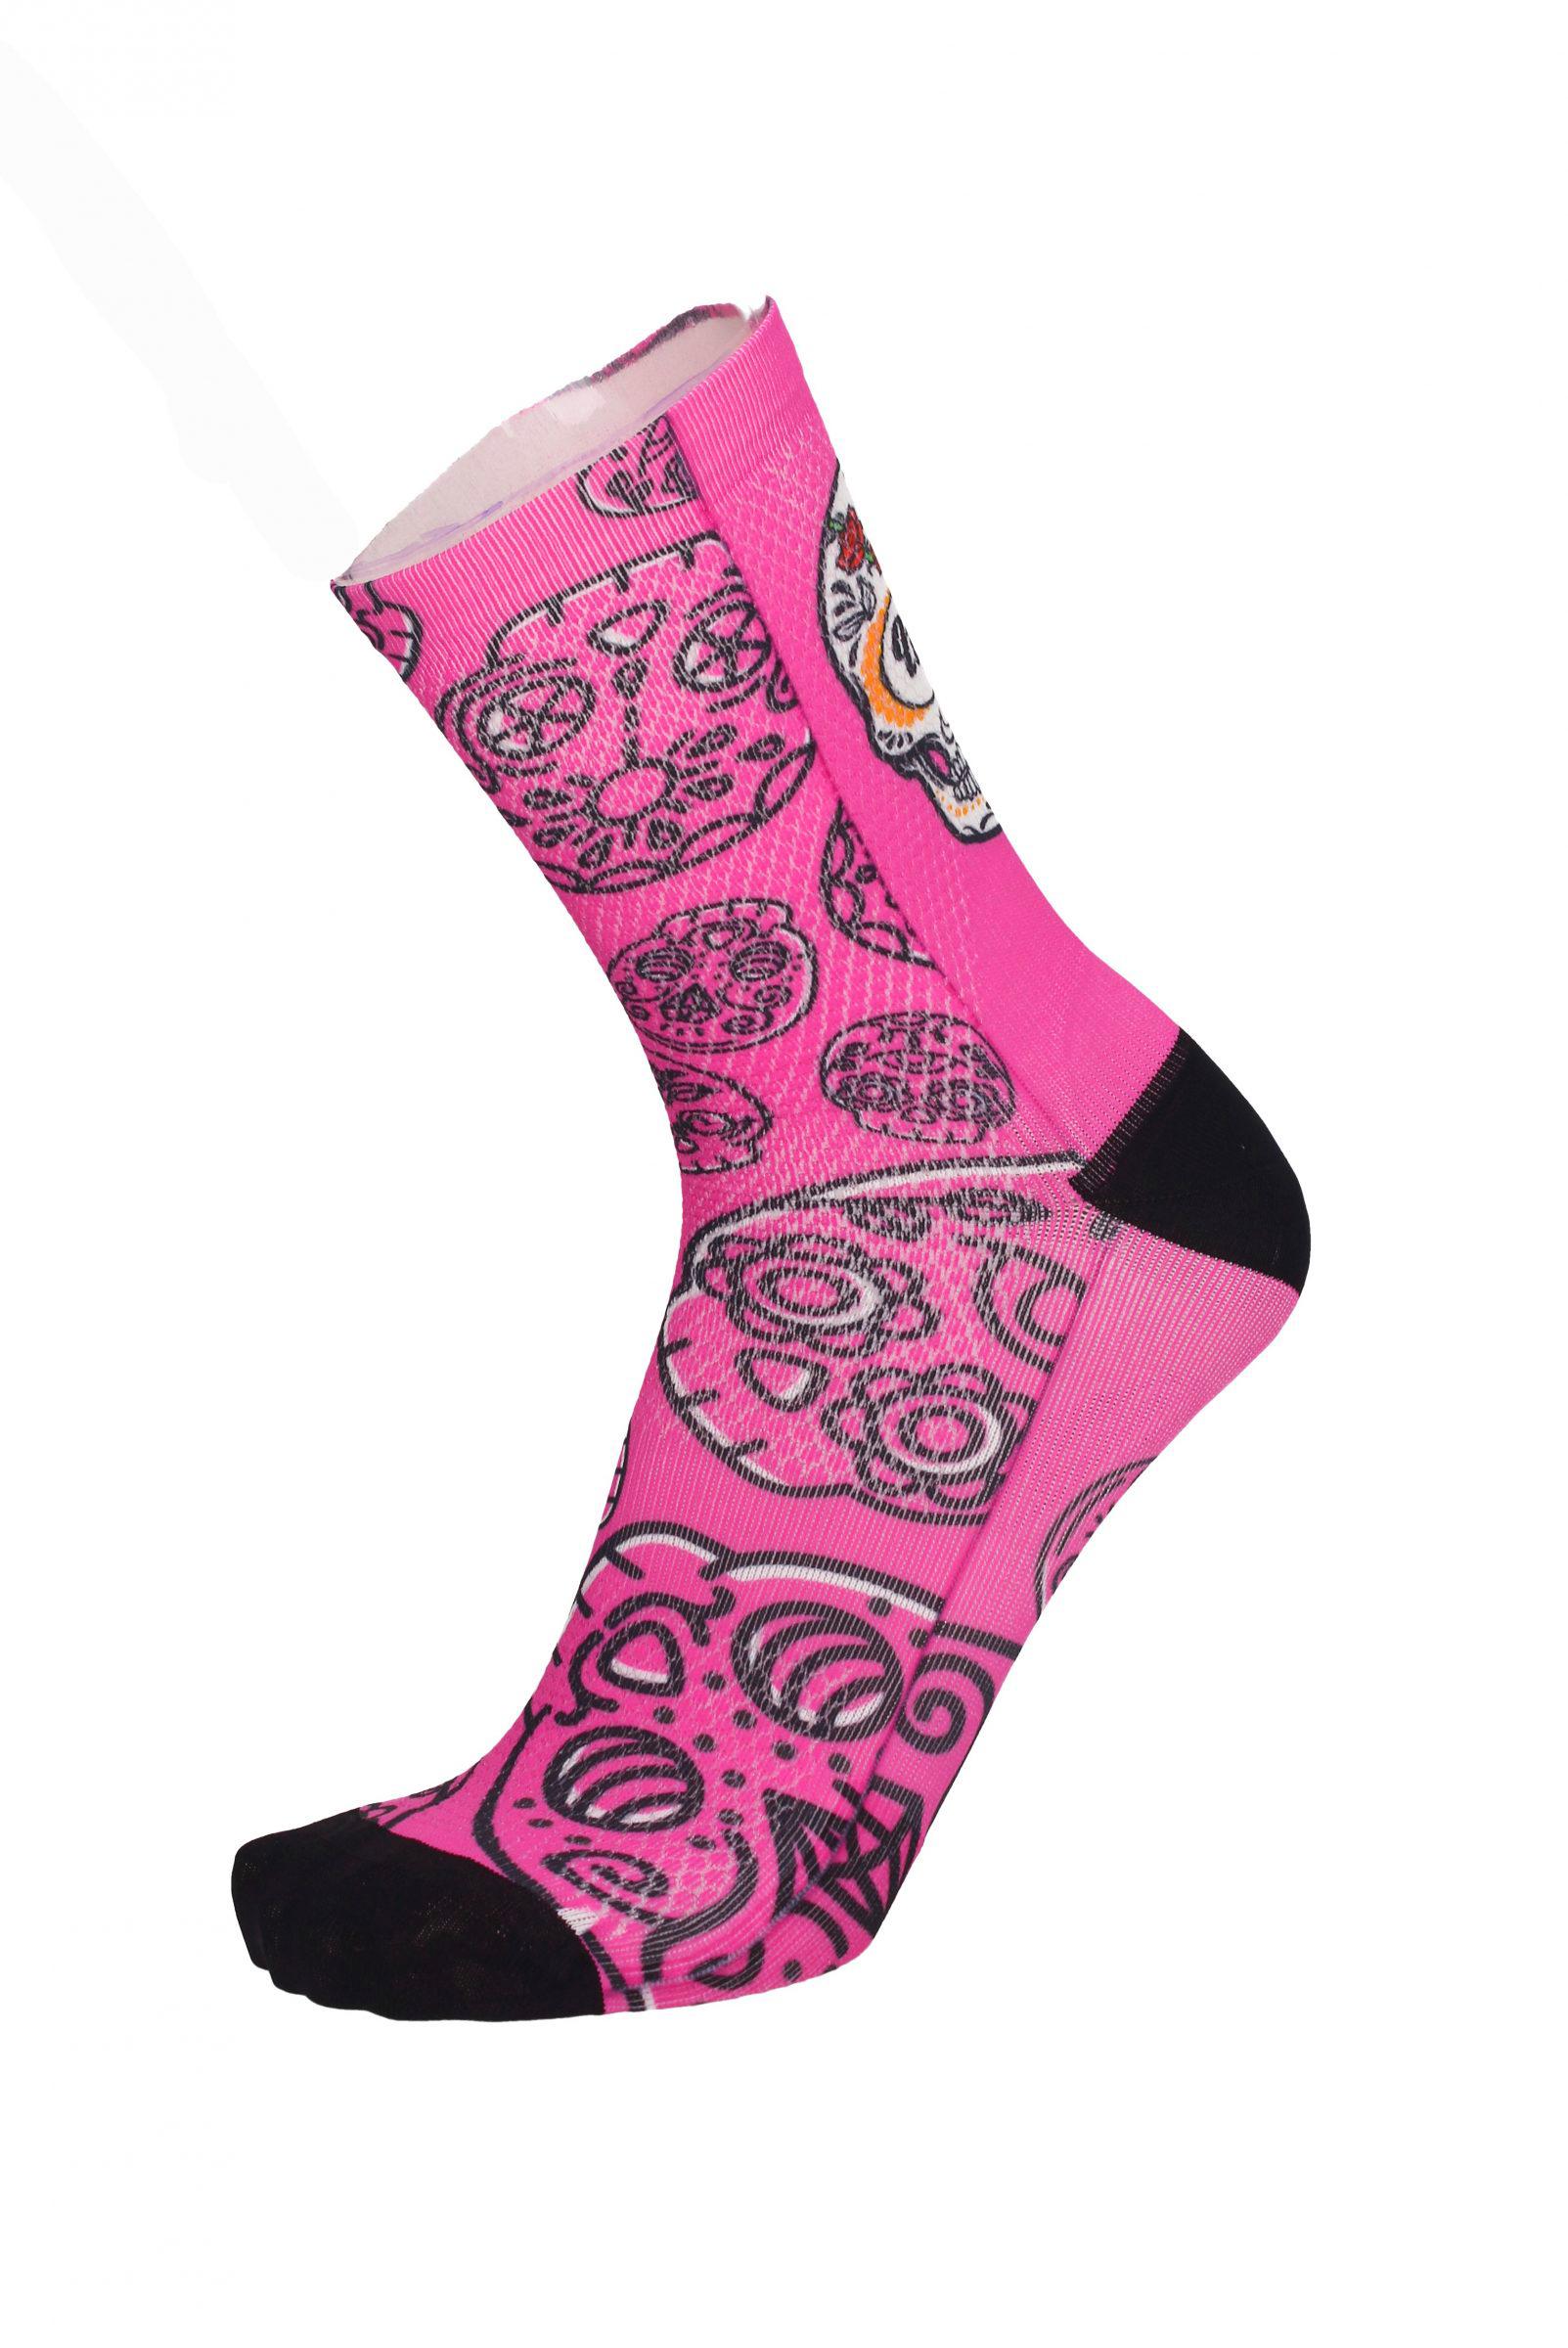 Čarape MBWear FUN 15 Pink Skull